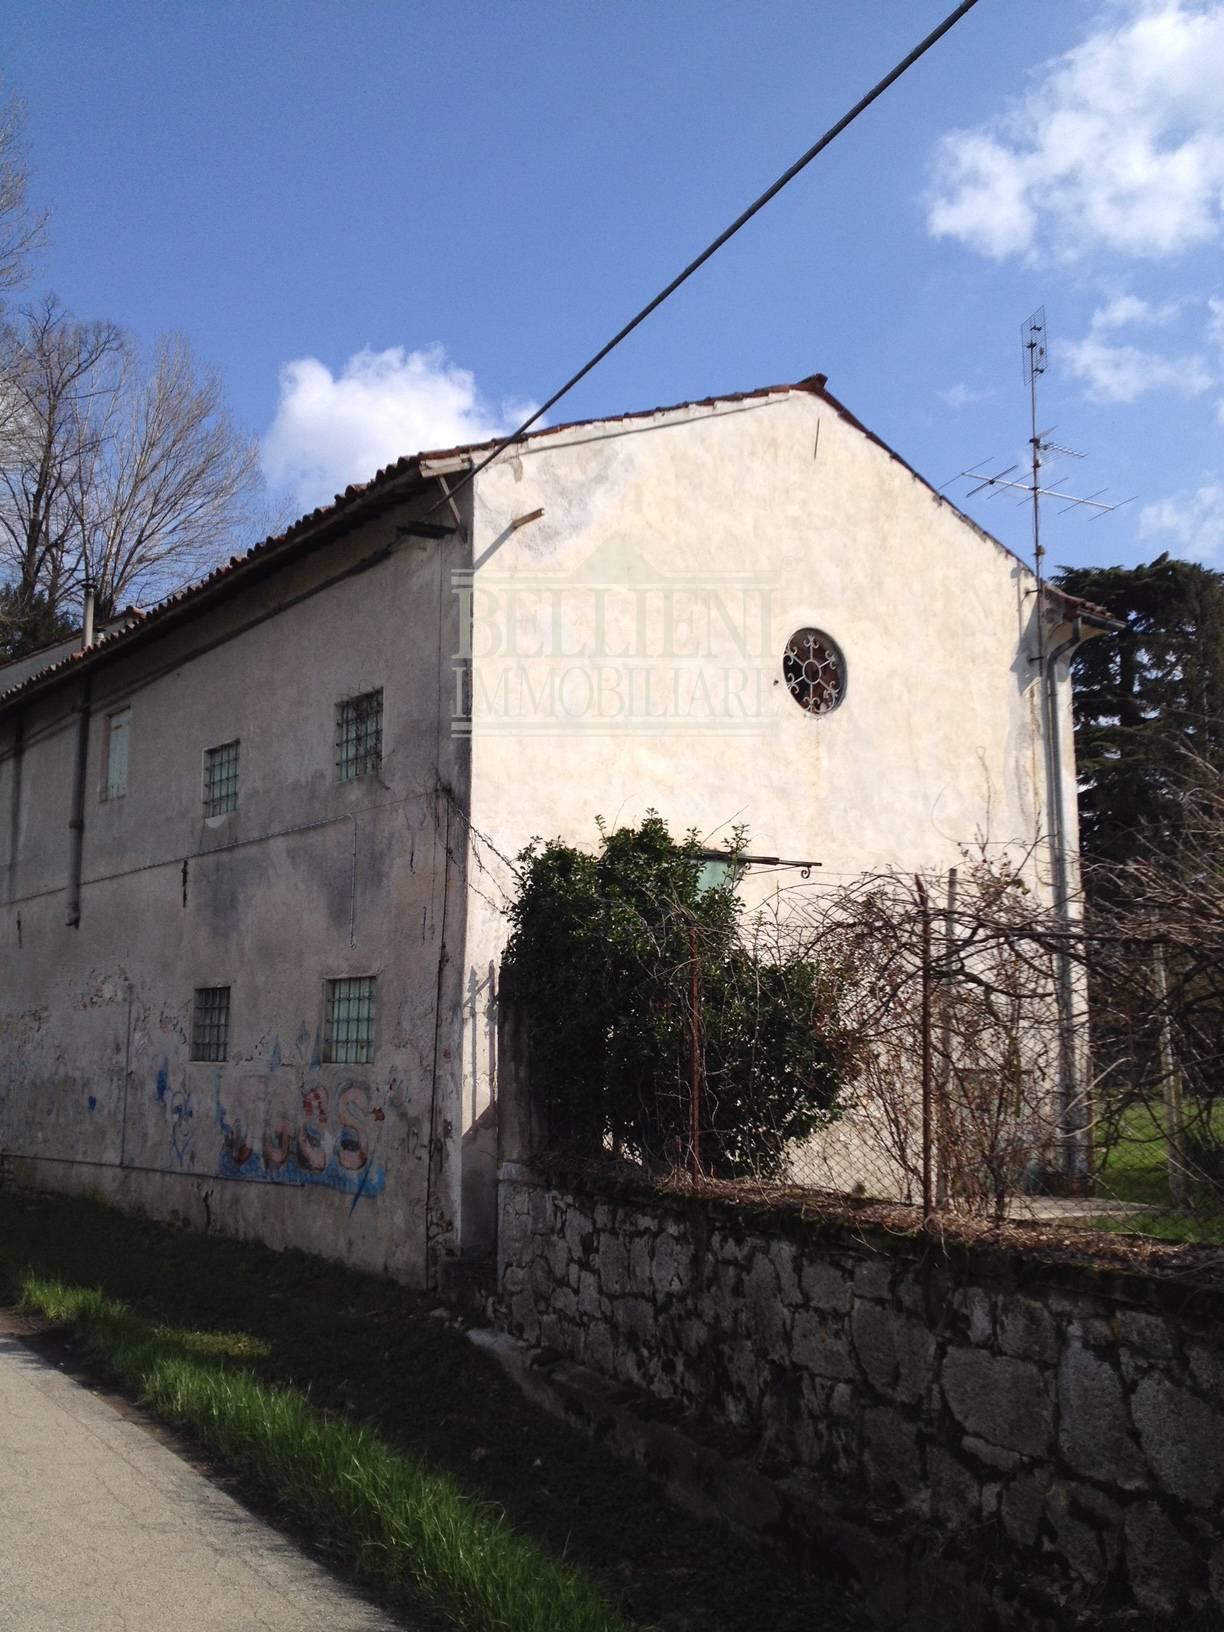 Soluzione Semindipendente in vendita a Vicenza, 5 locali, zona Località: PortaLupia-Eretenia-SsApostoli-SanSilvestro, Trattative riservate | CambioCasa.it